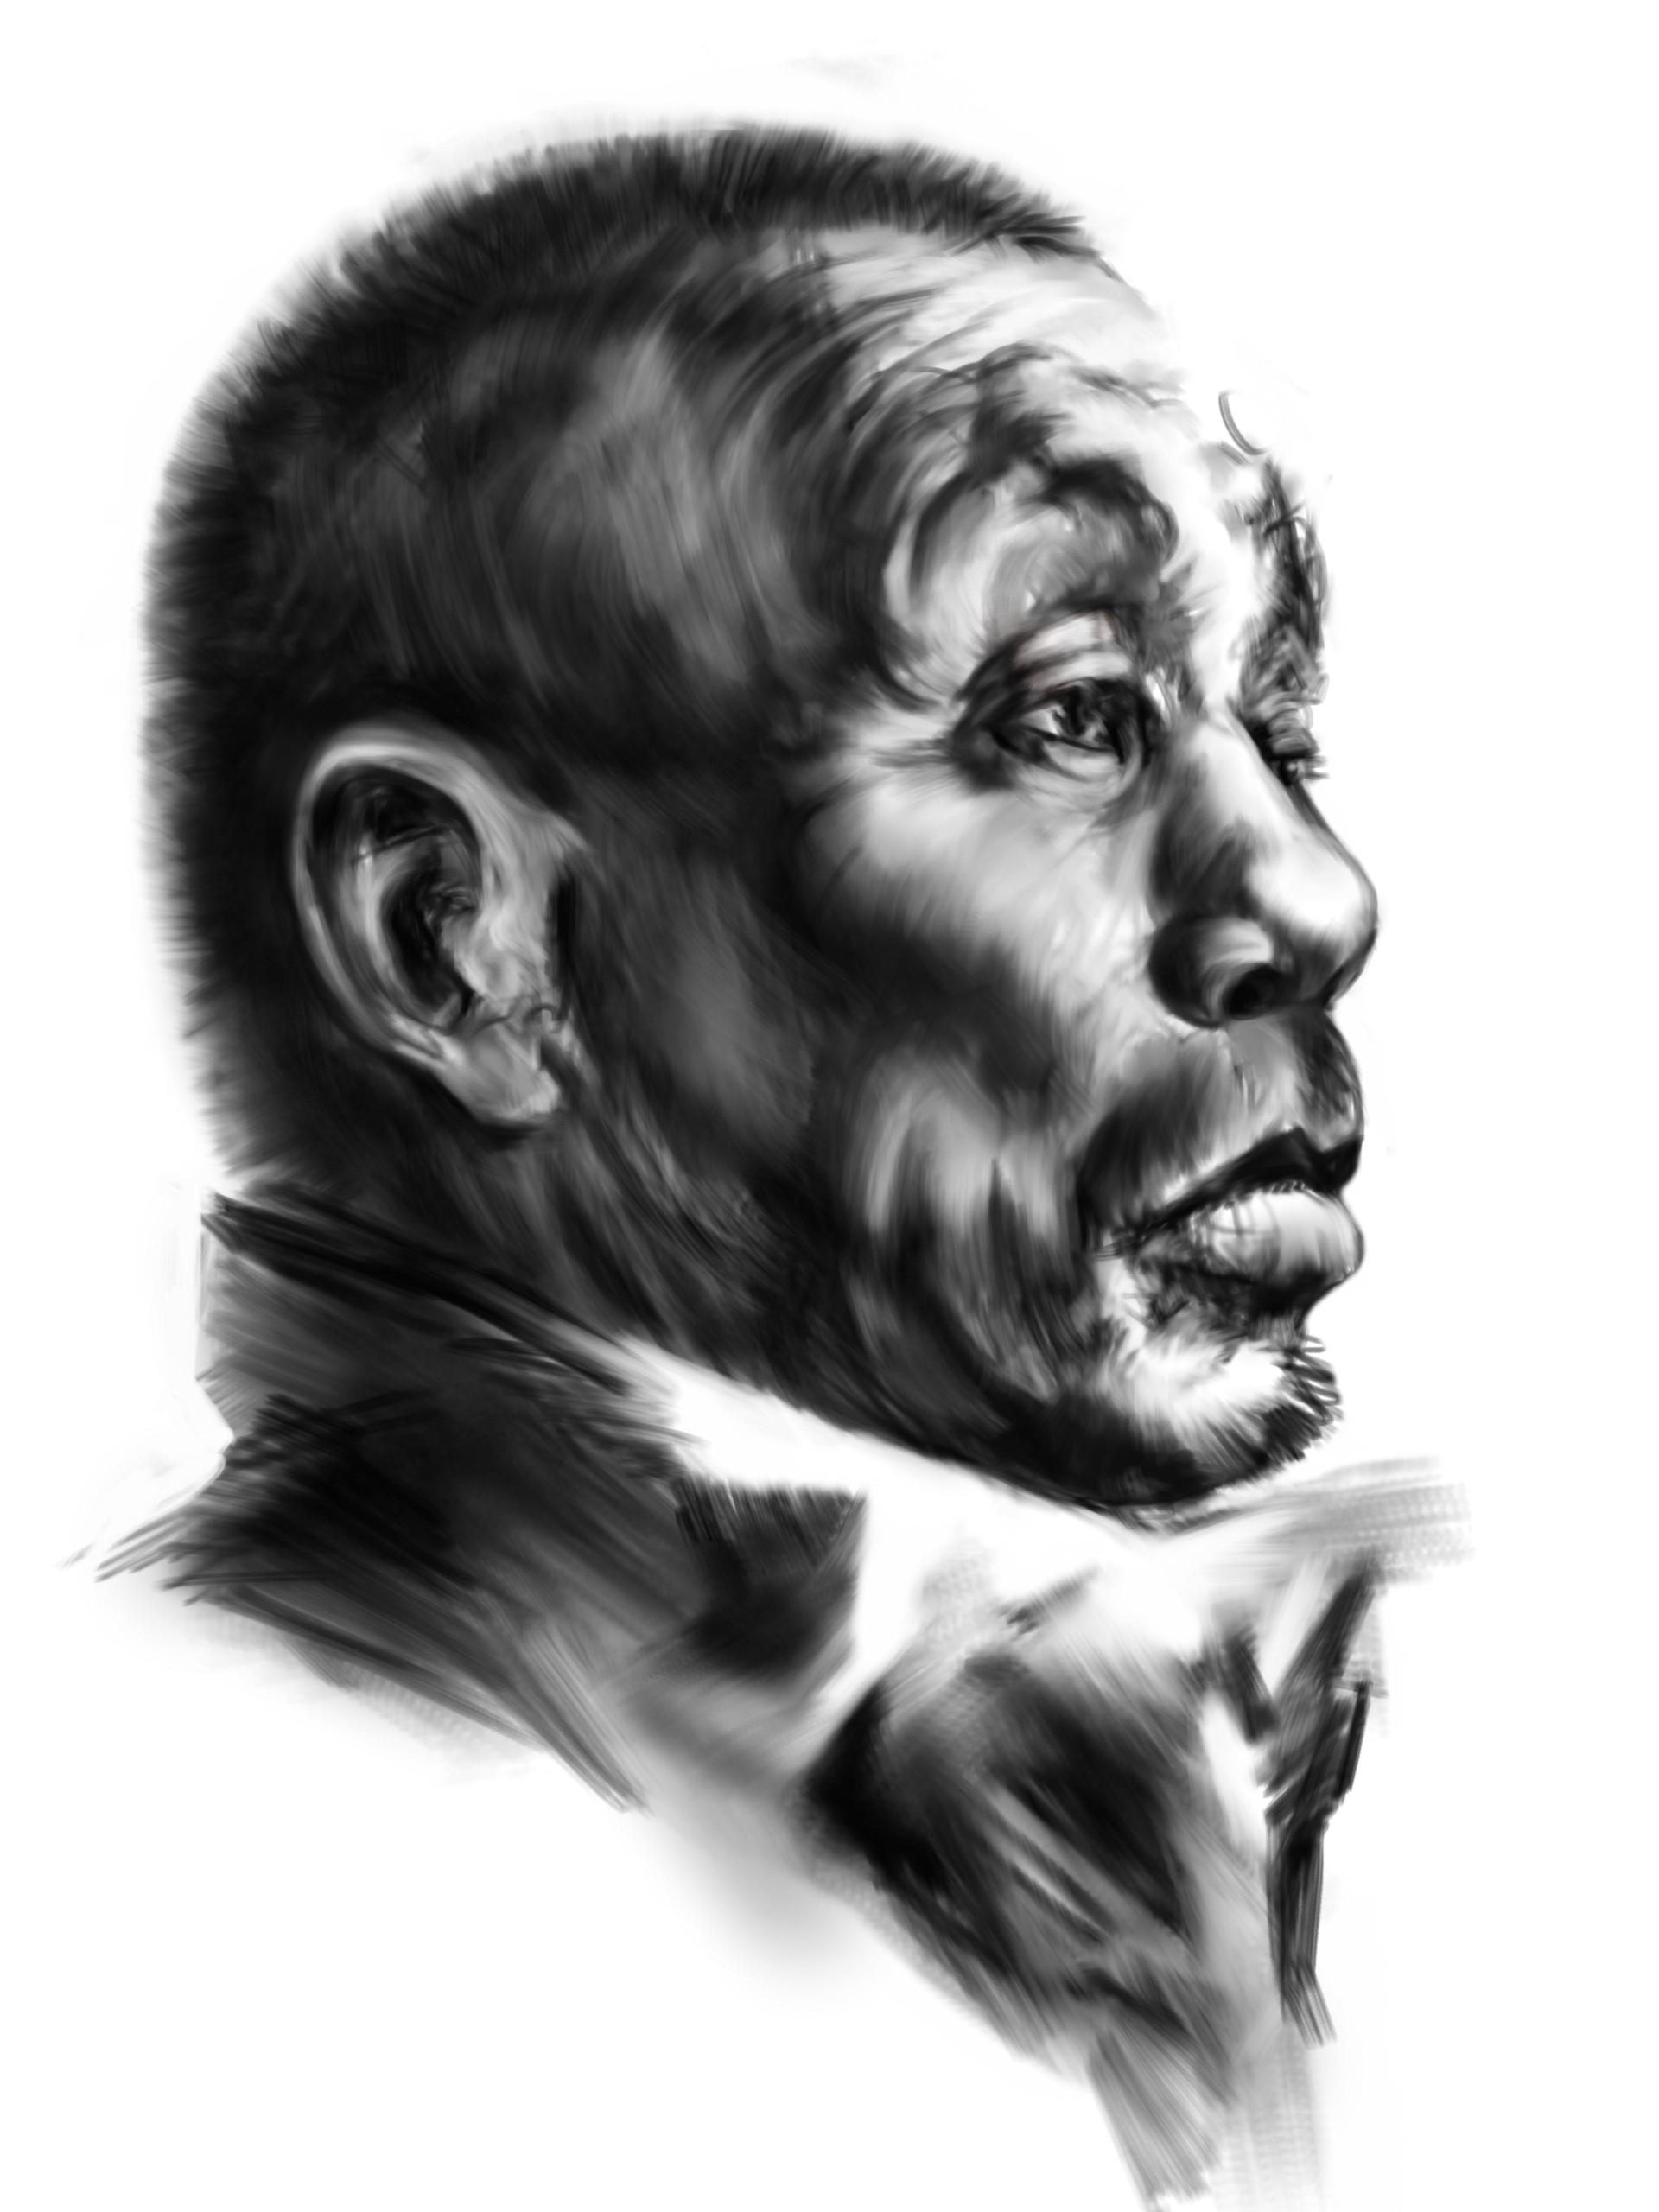 Szilagyi szilard portrait of an old manbw